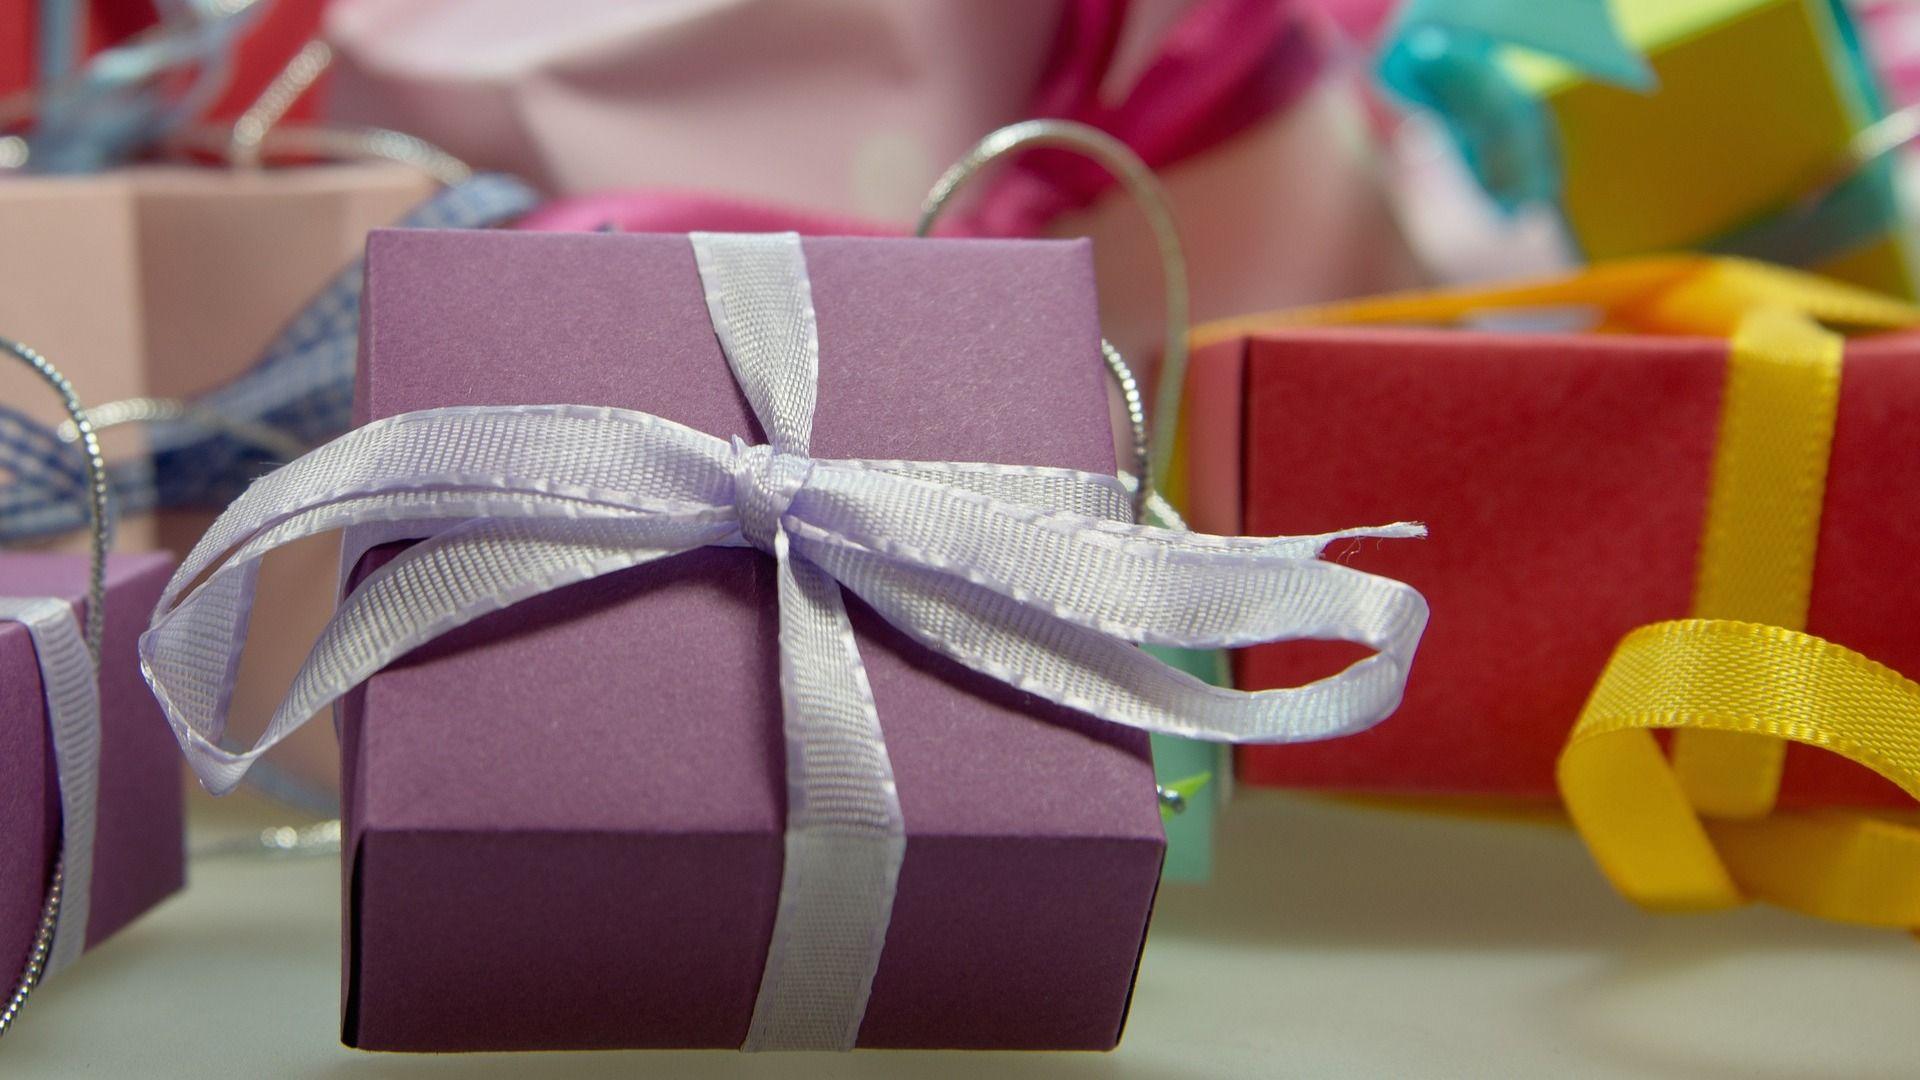 白掌水�y��y��y`�Y��&_3DwallpaperChristmasTime-Gifts|Gifts,Uniquechristmasgifts,Besttravelgifts